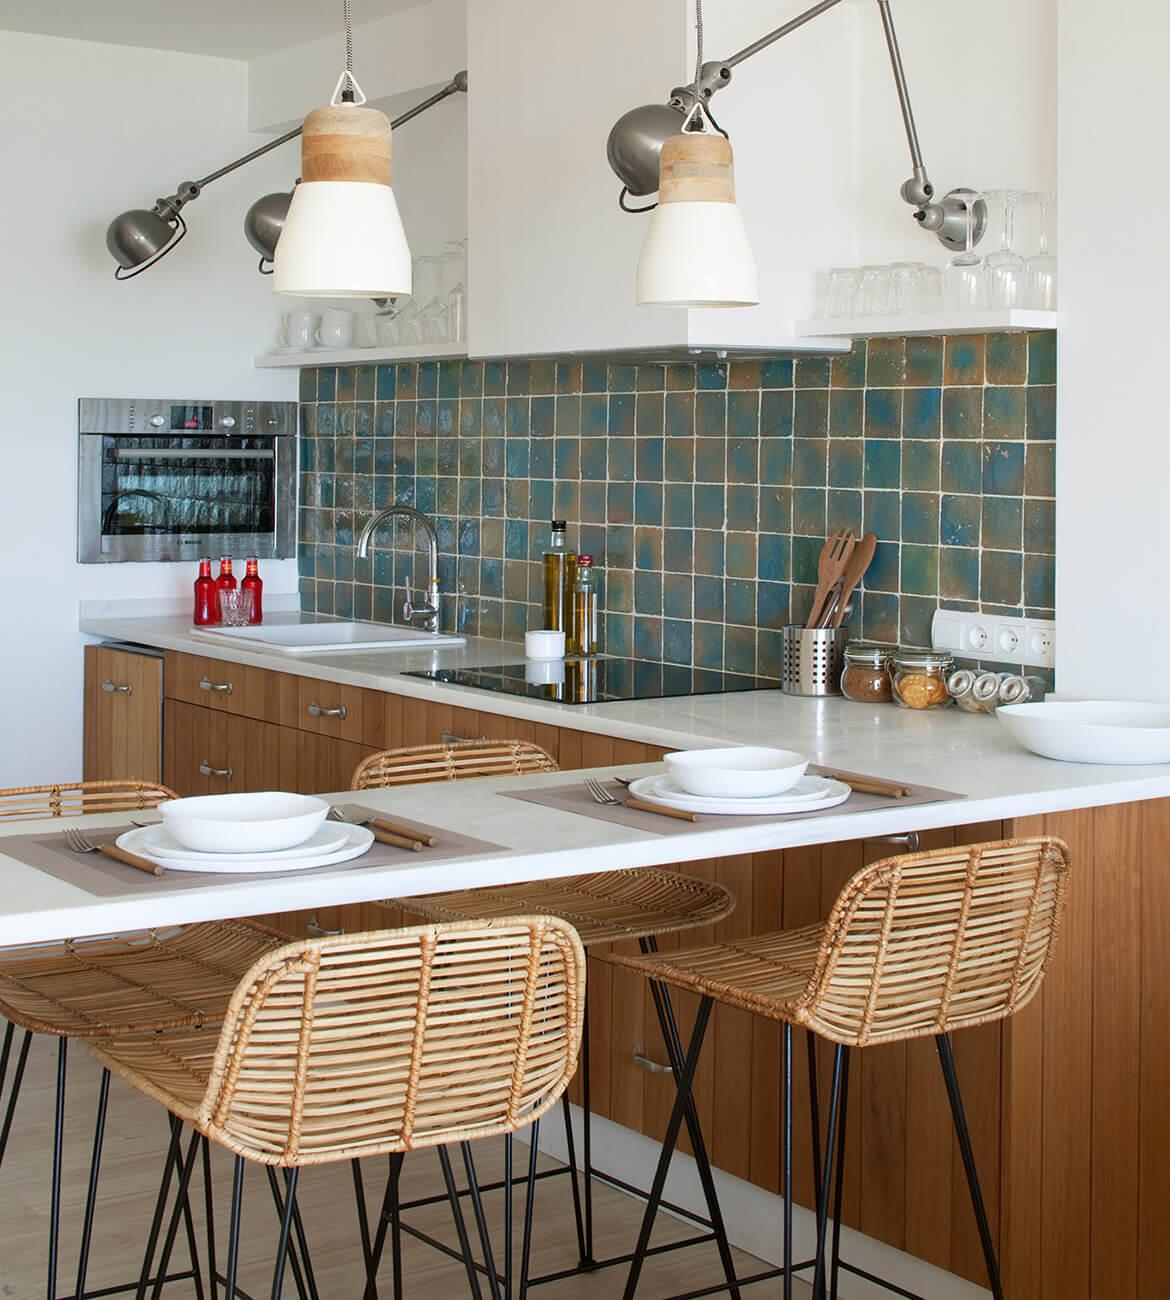 interiorísmo Catalina House para apartamento Savina Blasi. Cocina abierta